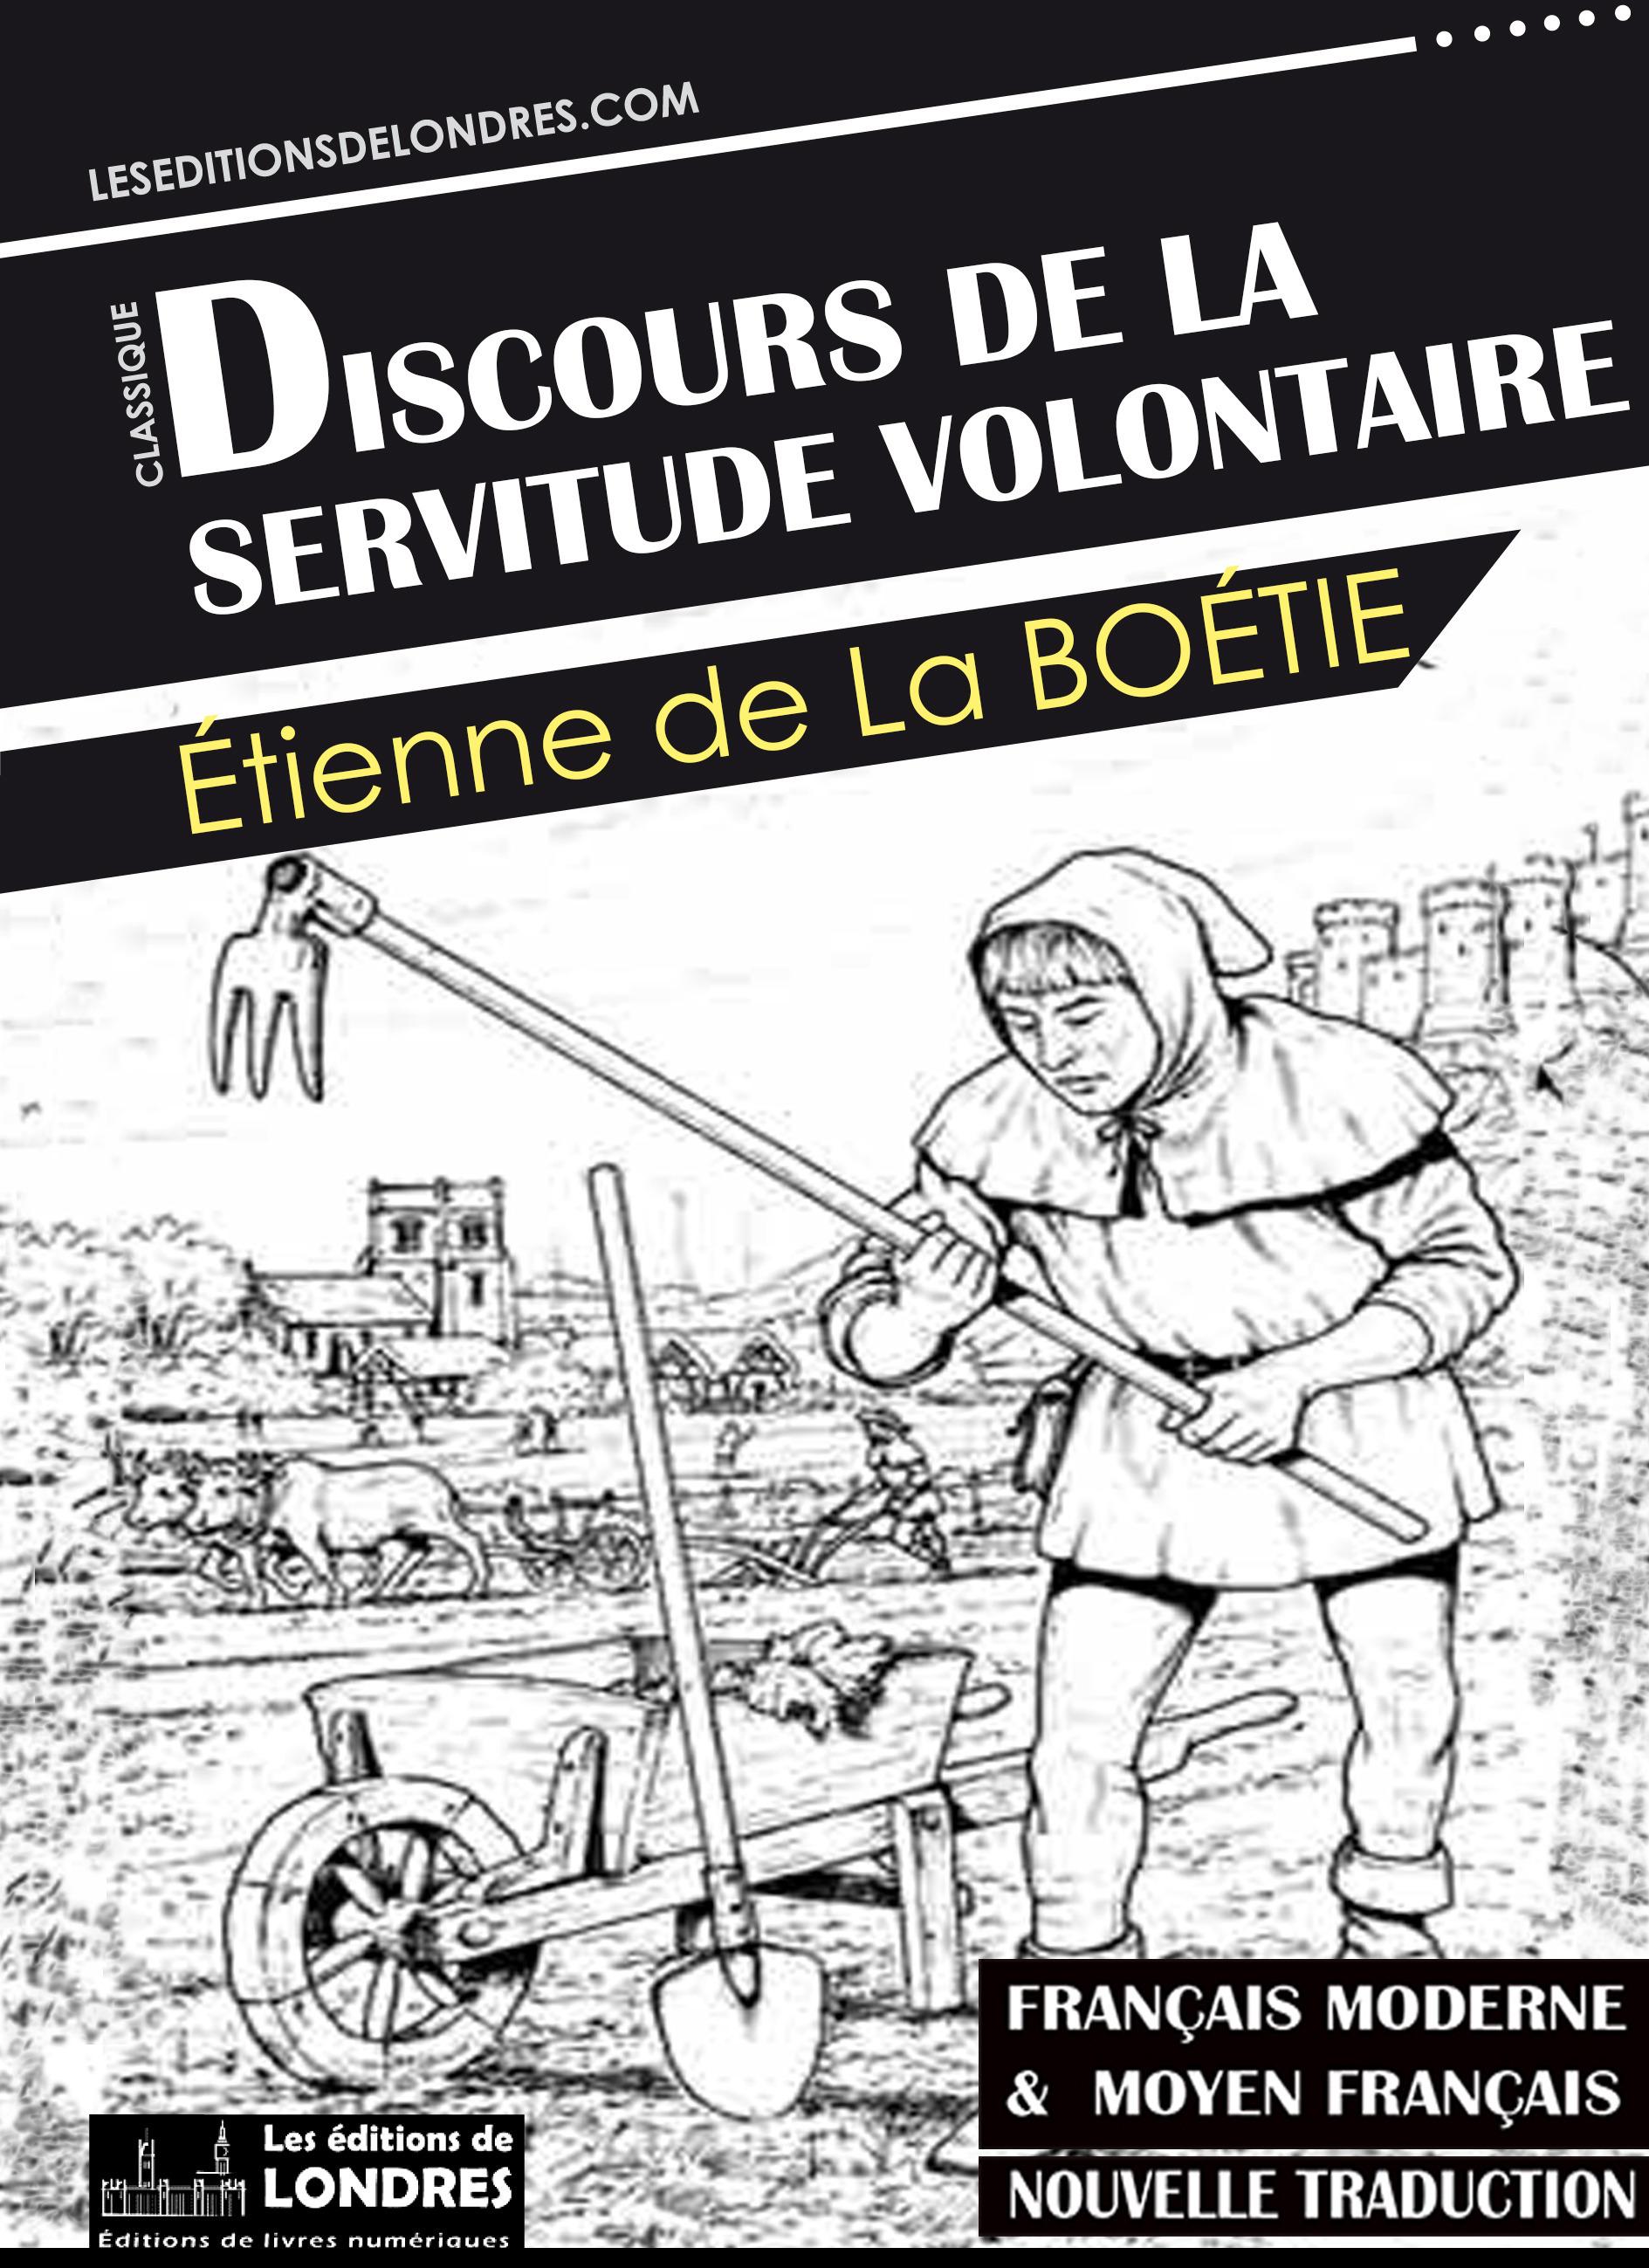 Discours de la servitude volontaire (Français moderne et moyen Français comparés)